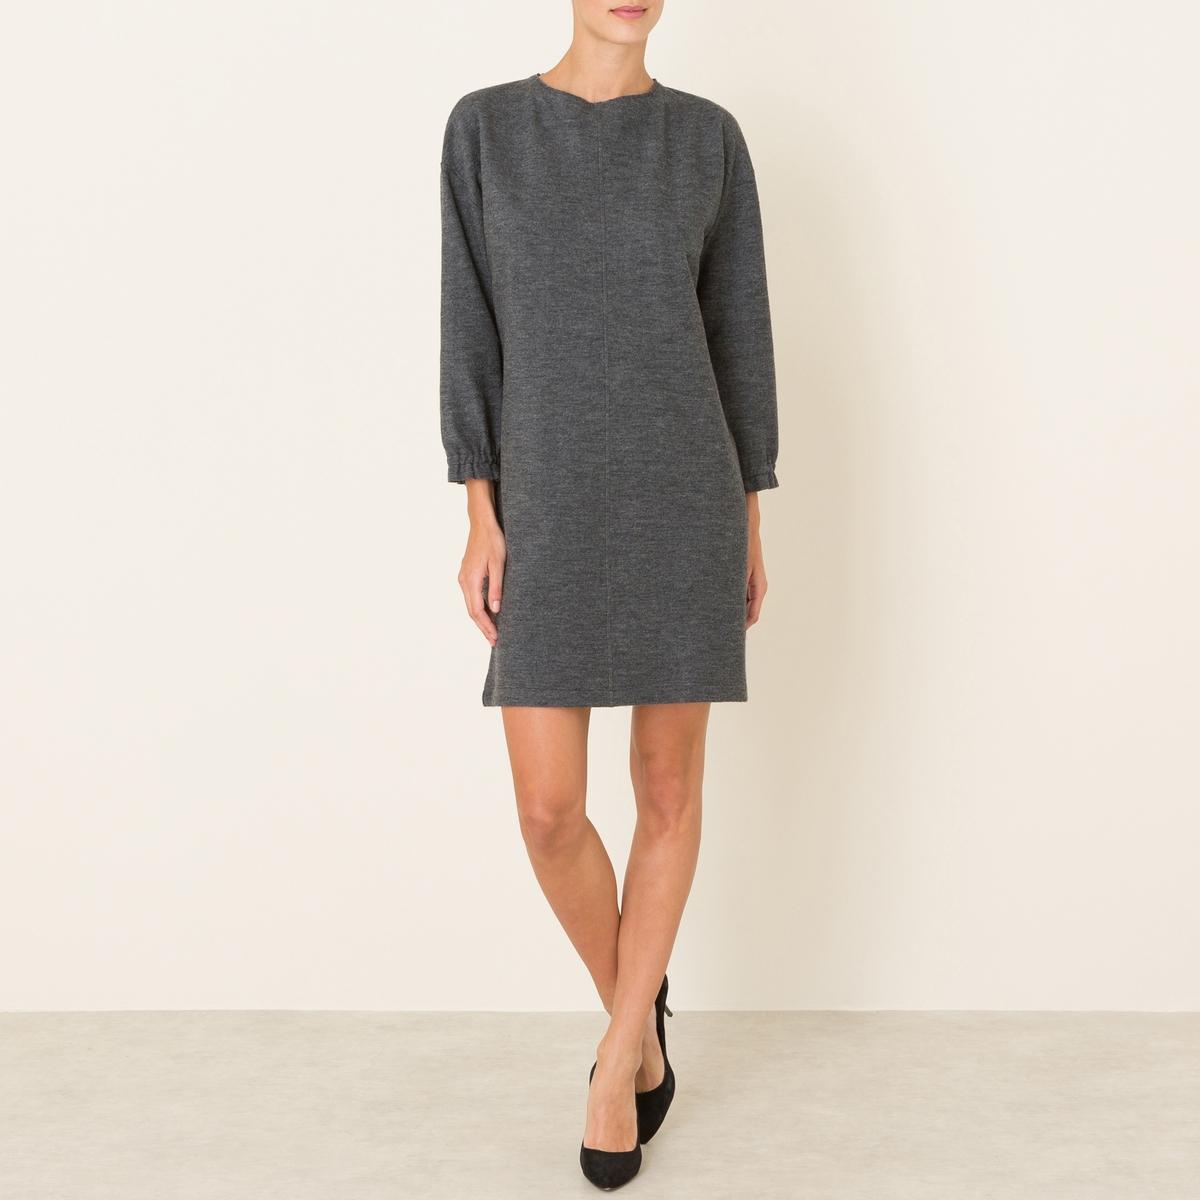 Платье из фланелиПрямое платье POMANDERE - форма футляр, из фланели. Закругленный вырез. Слегка приспущенные плечи. Рукава ? с эластичными манжетами. Вертикальный декоративный разрез спереди.Состав и описание Материал : 85% шерсти, 15% полиамидаМарка : POMANDERE<br><br>Цвет: серый<br>Размер: 42 (FR) - 48 (RUS).40 (FR) - 46 (RUS)